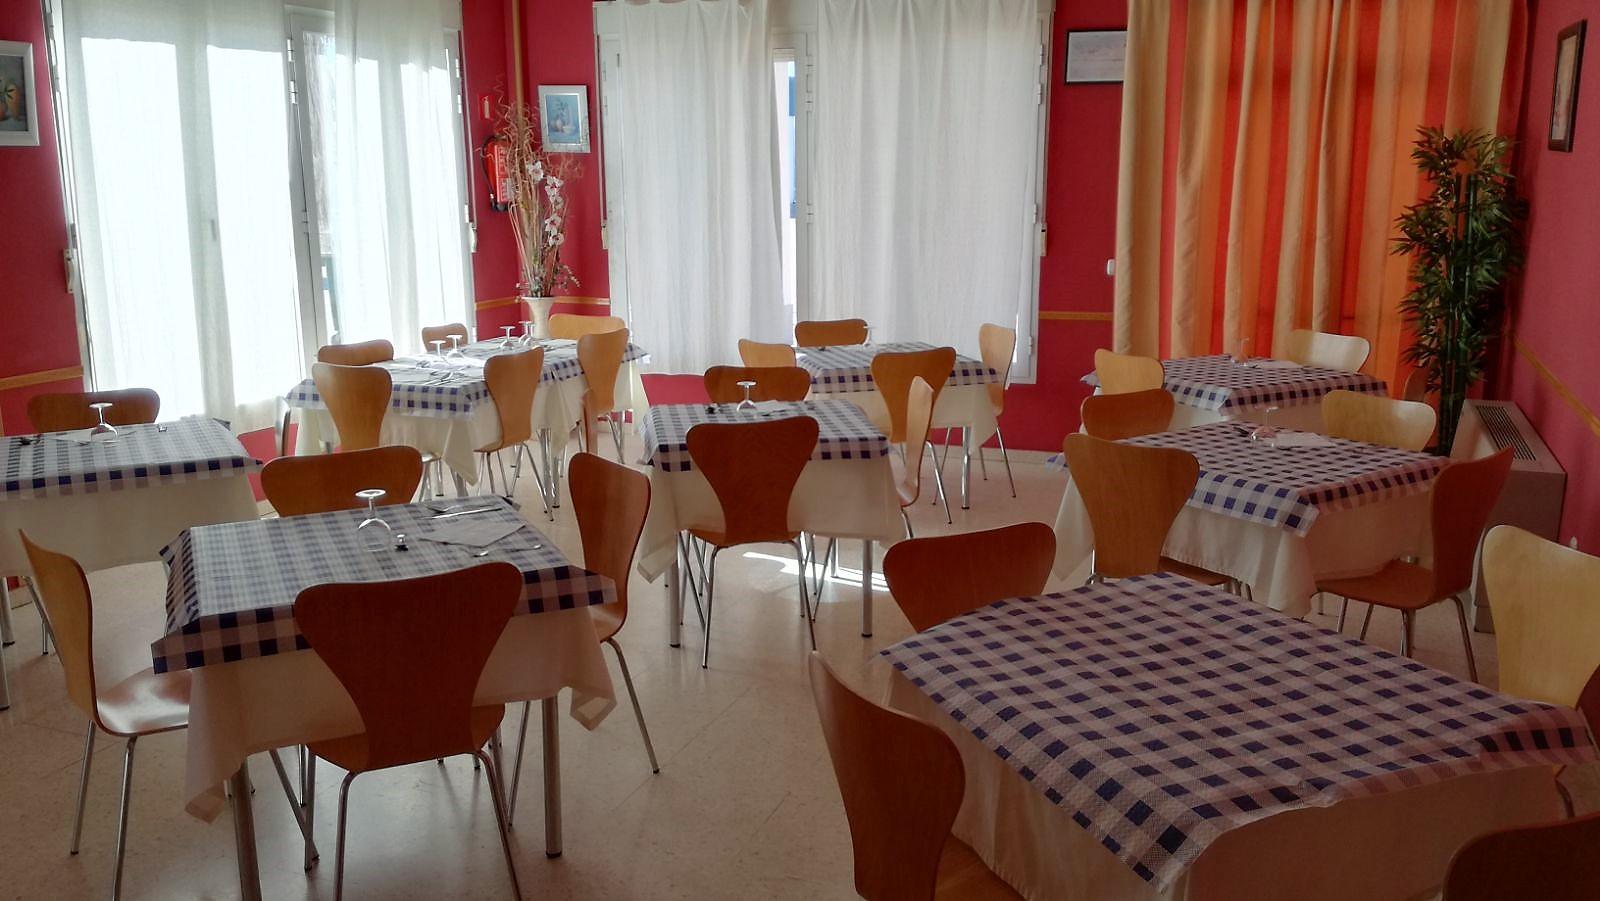 Restaurante Centro de Transporte en Don Benito en el Polígono san Isidro